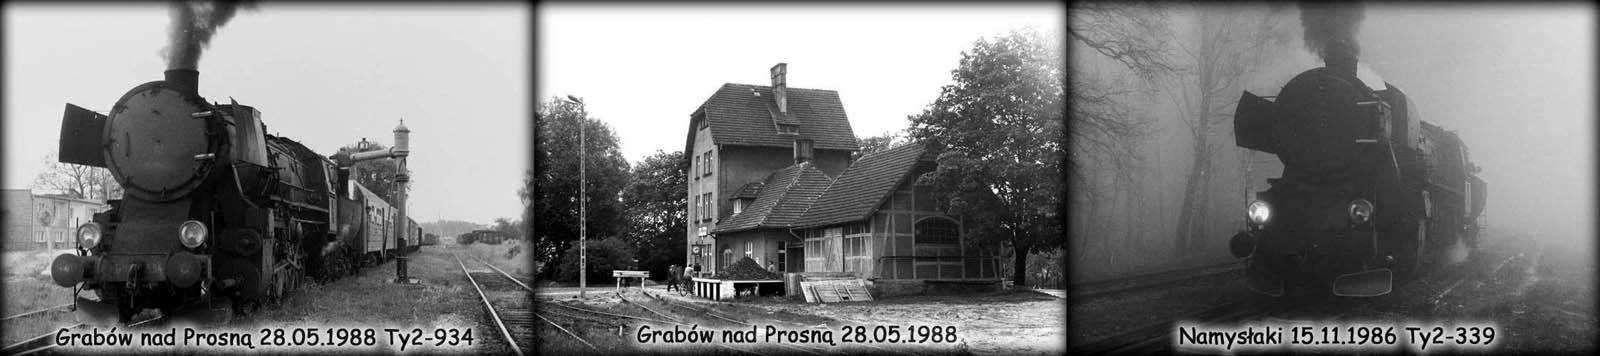 Ty2-934 z ostatnim pociągiem osobowym na trasie Ostrzeszów - Namysłaki w dniu 28.05.1988. Grabów nad Prosną w dniu 28.05.1988. Ty2-339 w Namysłakach, podczas objazdu pociągu specjalnego 15.11.1986 roku.